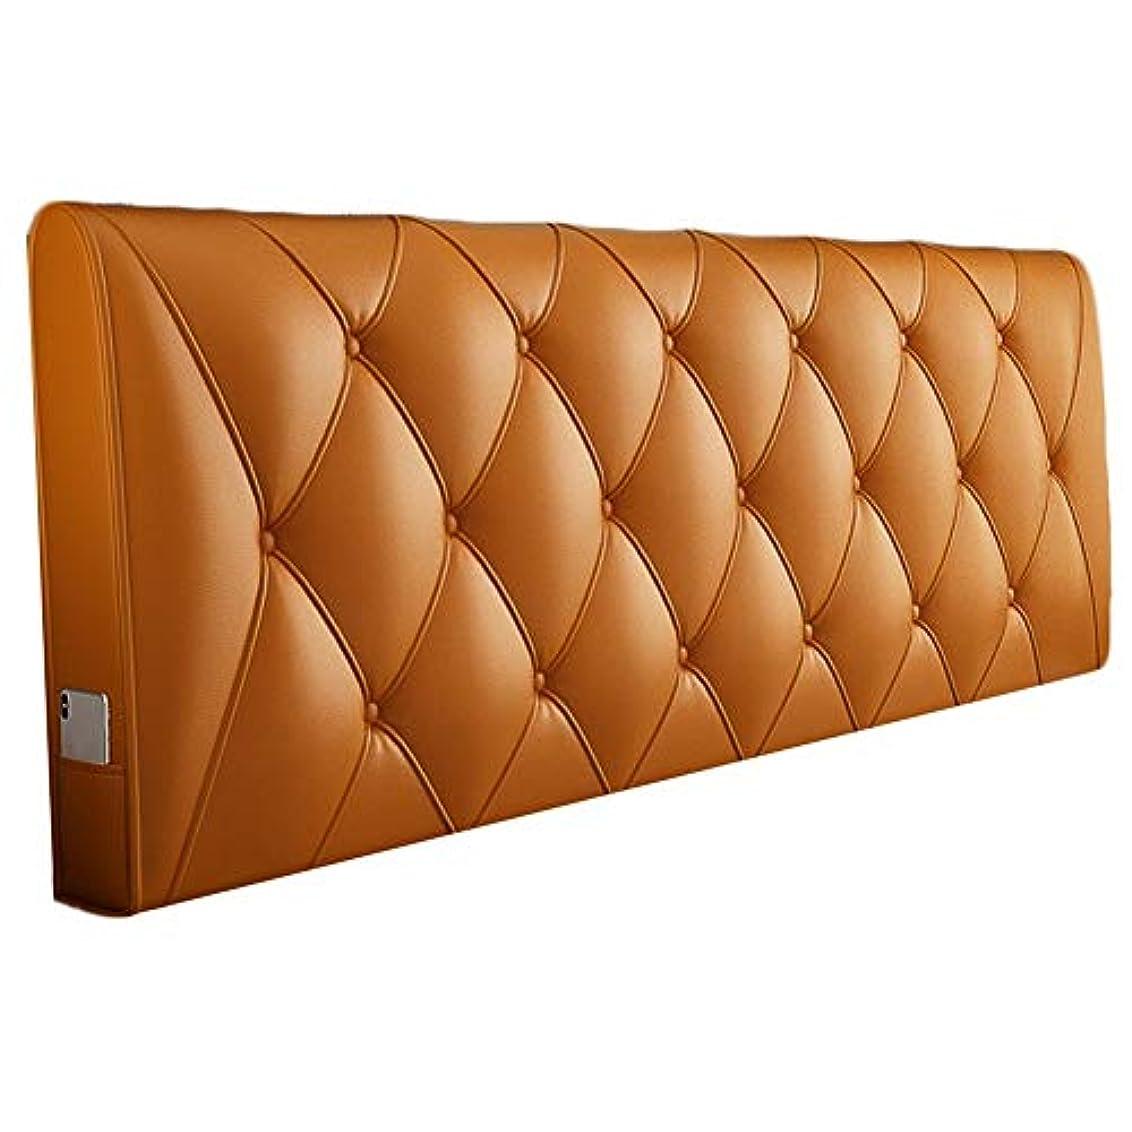 上昇貨物ピケKKCF ヘッドボードクッション立体的な背もたれ防水耐摩耗性ホームPU 、5色 5サイズ (Color : A, Size : 150cm)